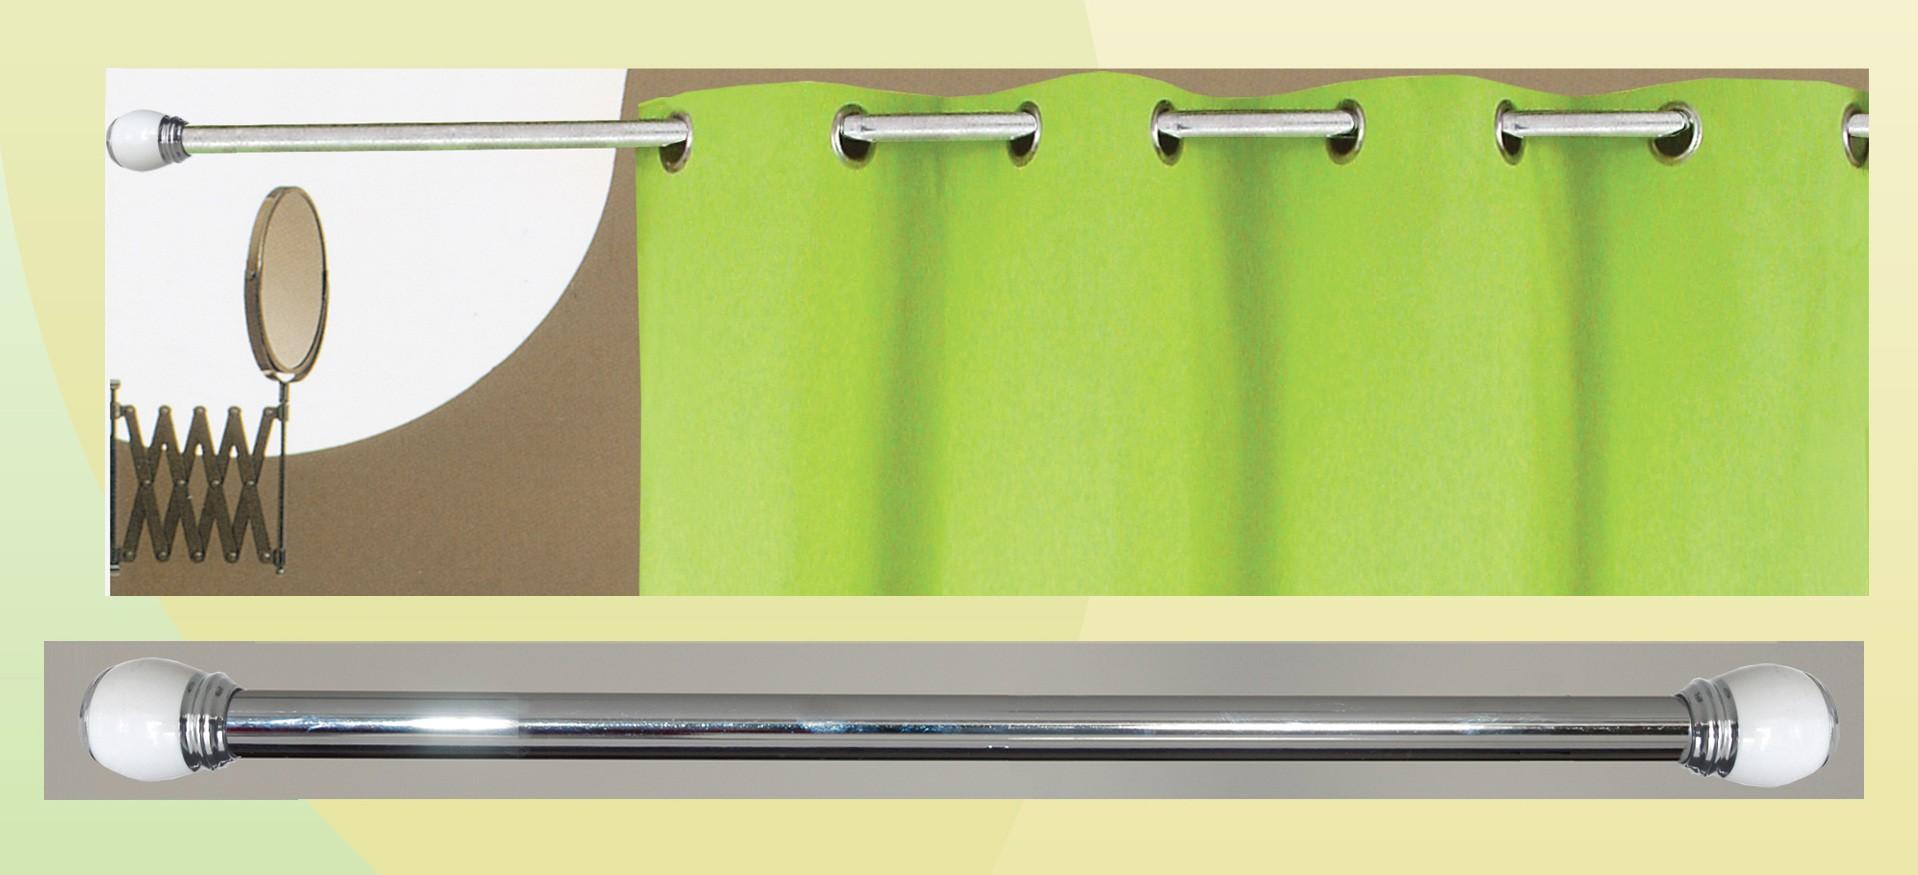 Βραχίονας Μπάνιου Πτυσσόμενος 140-260cm San Lorentzo Chrome 010 43208